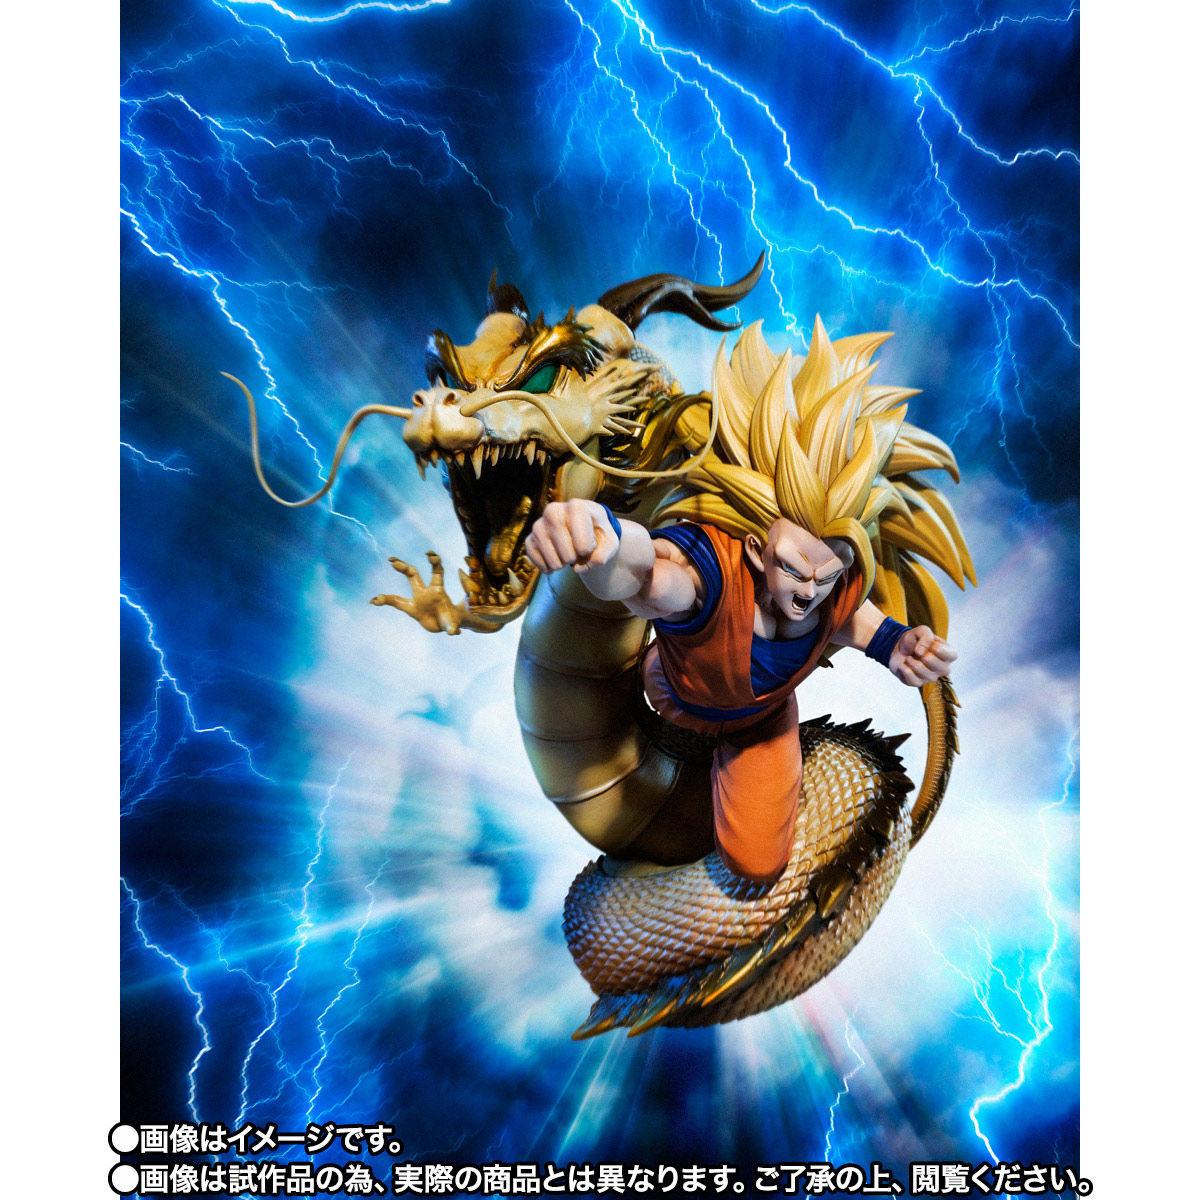 【限定販売】フィギュアーツZERO『[超激戦]スーパーサイヤ人3孫悟空-龍拳爆発-』完成品フィギュア-006